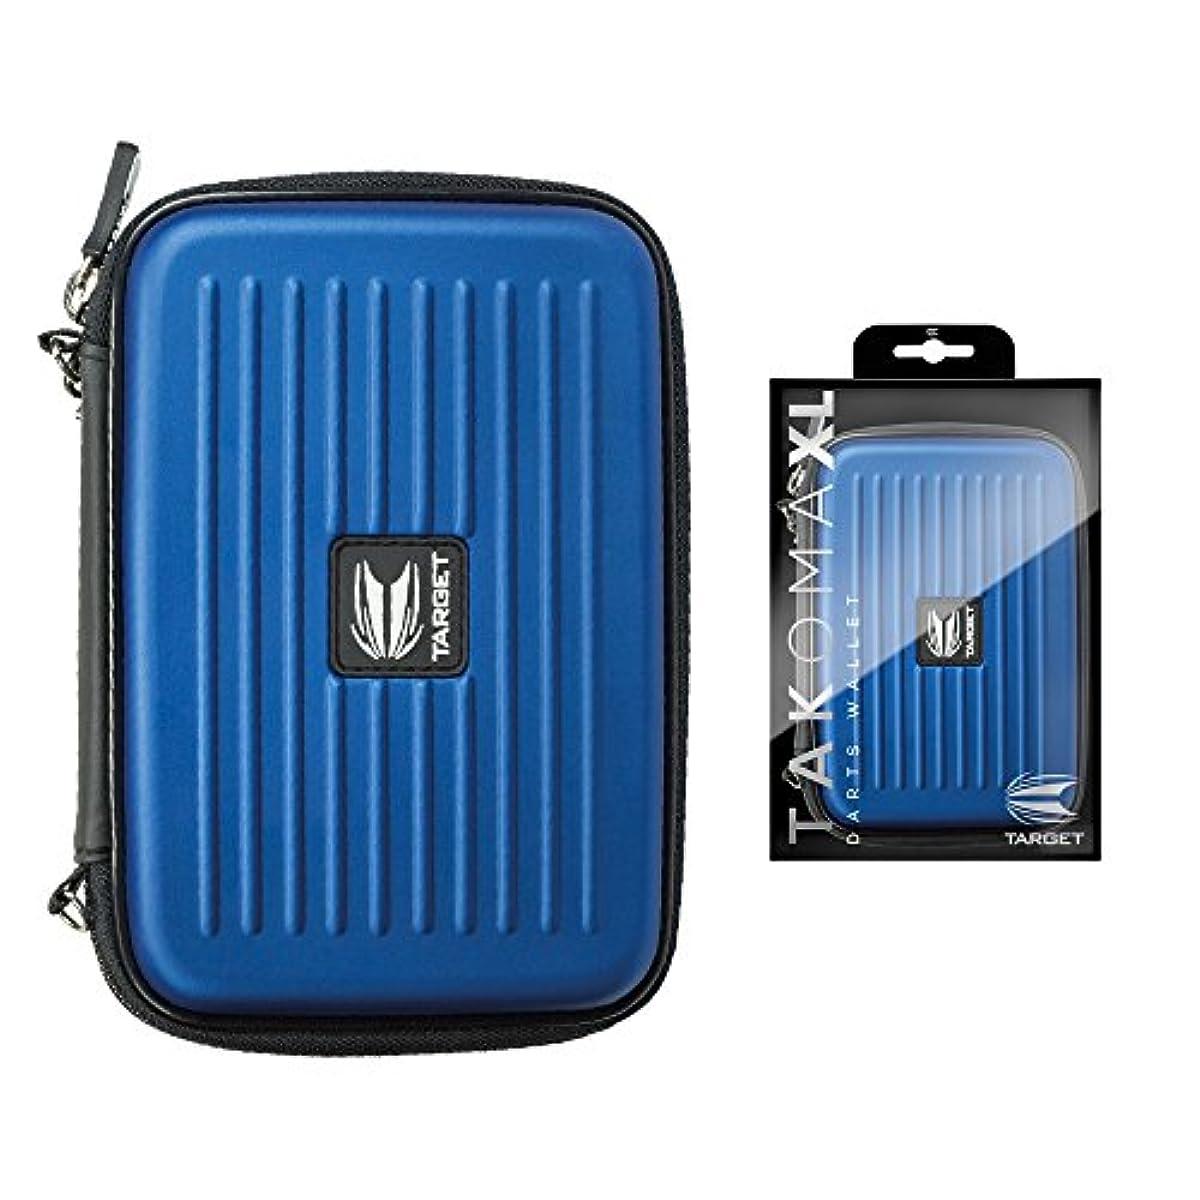 [해외] TARGET타겟 타코마 지갑 XL 다트 케이스 블루 125829